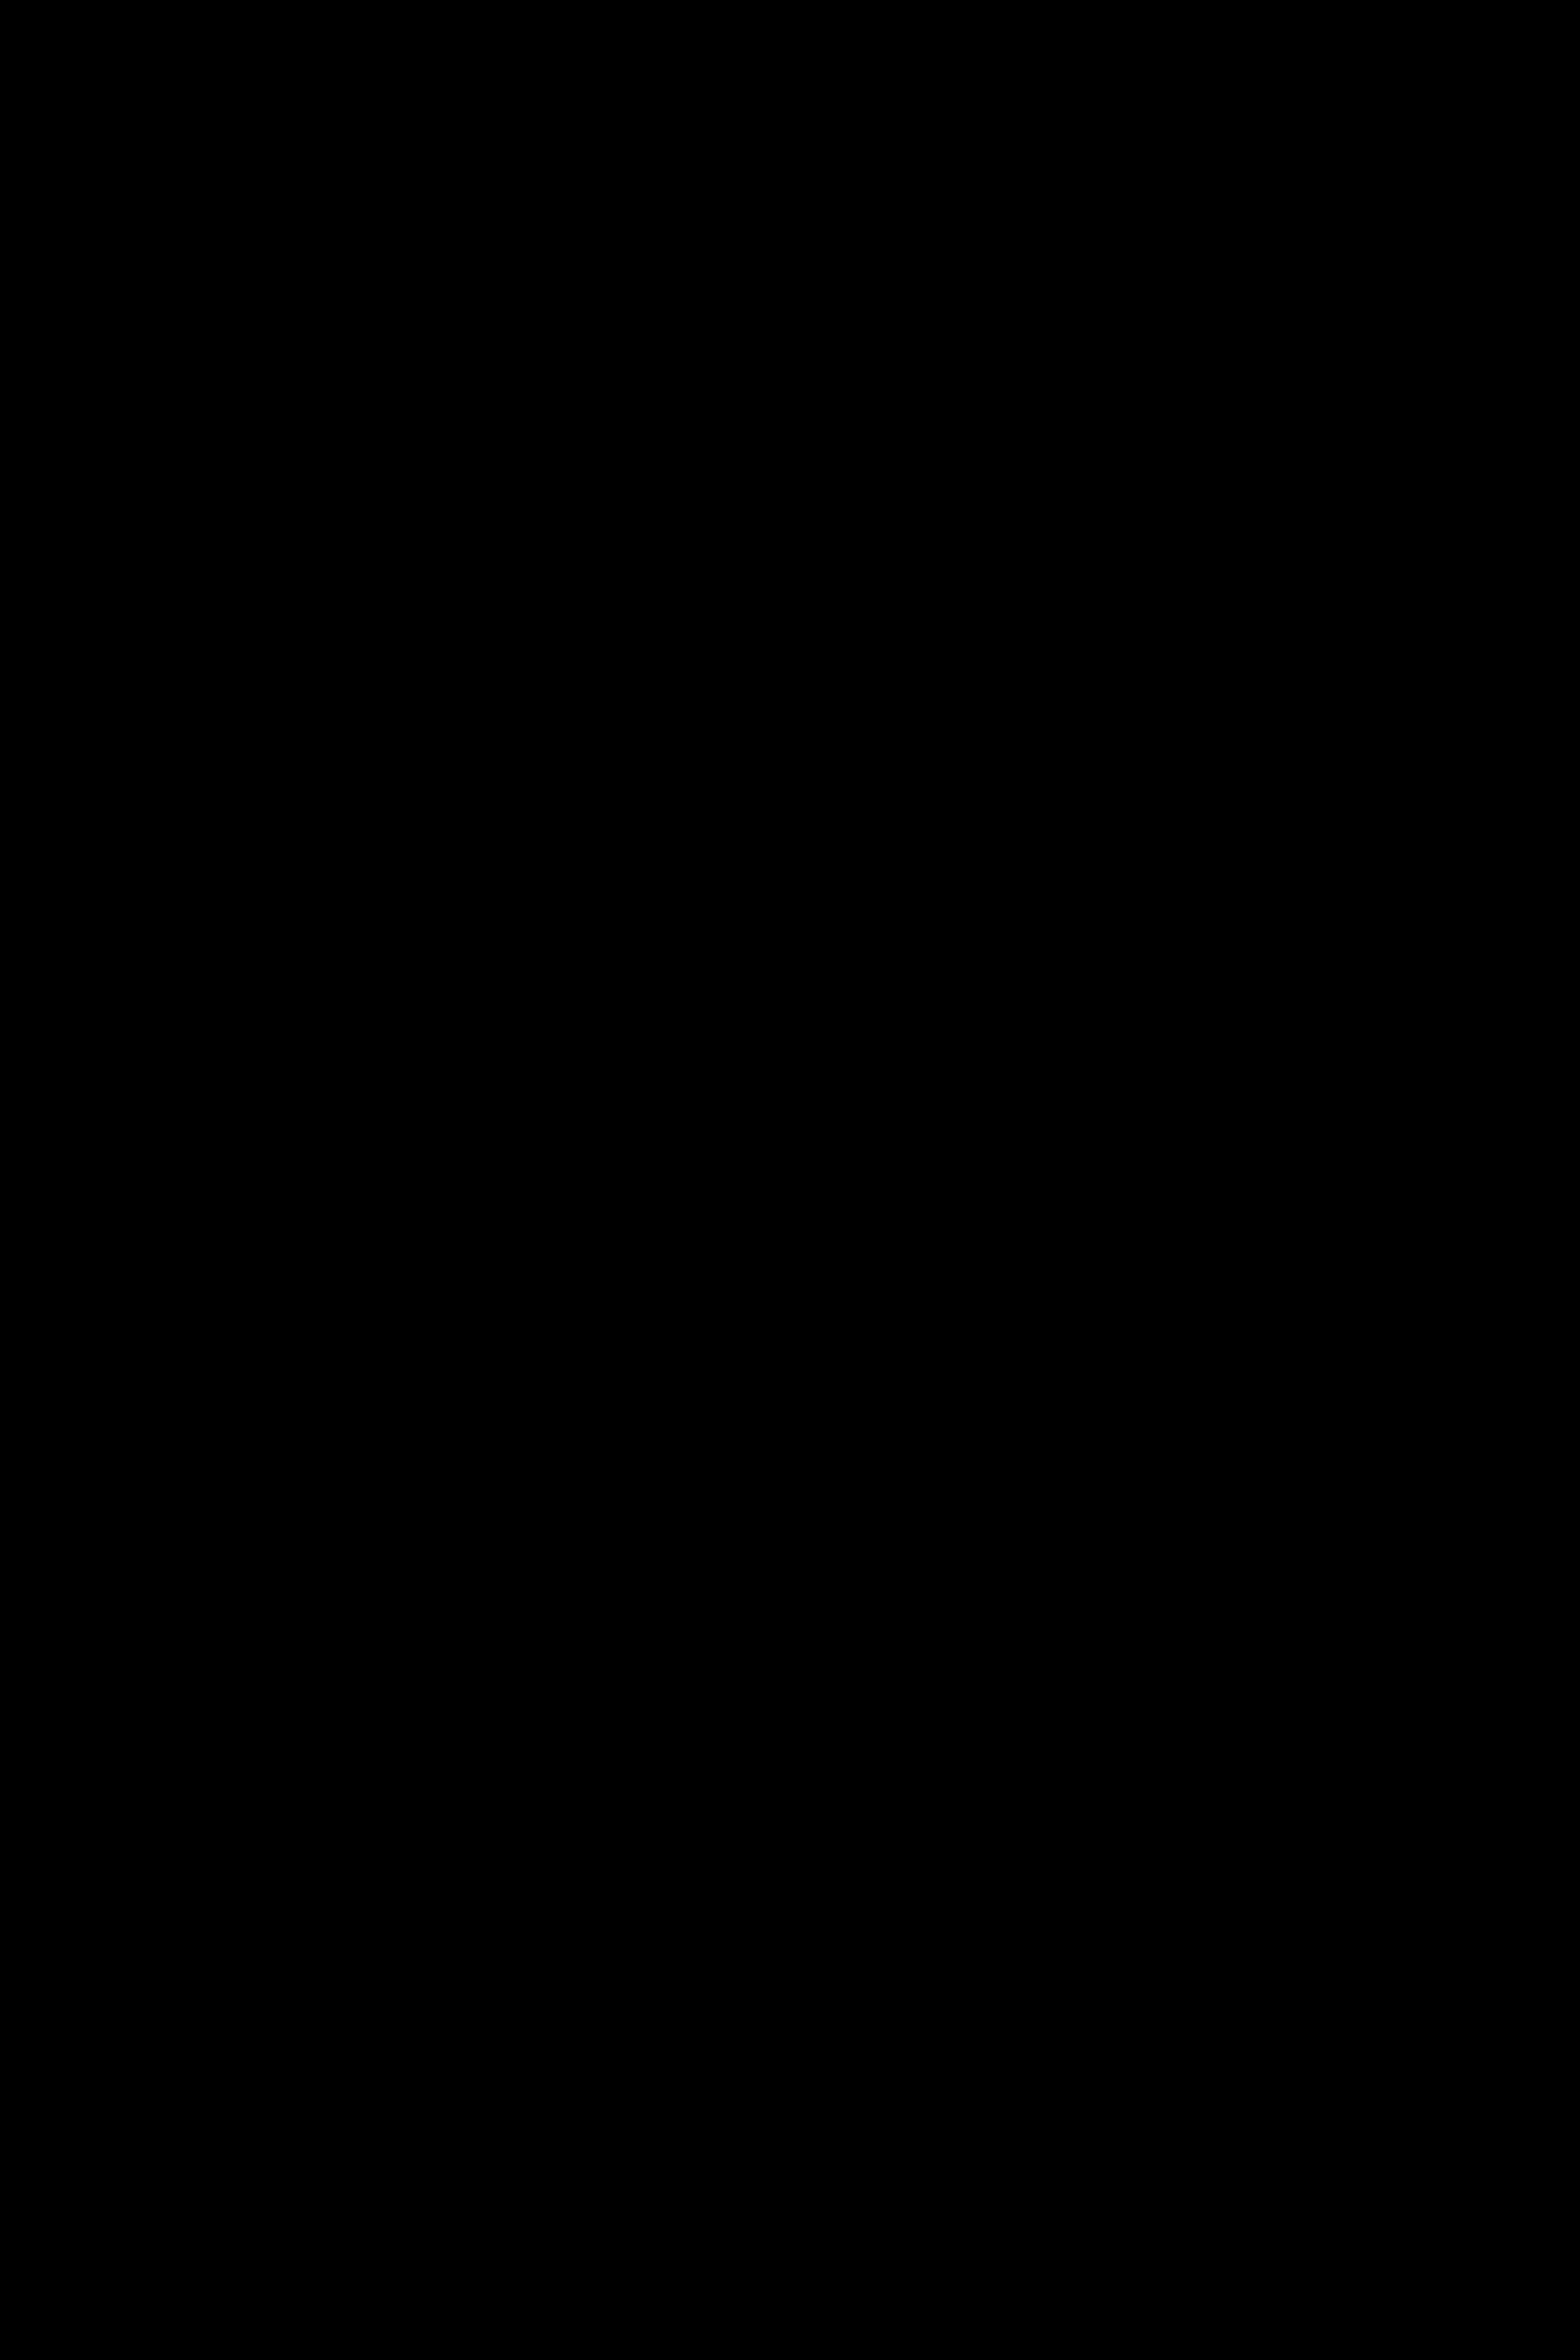 Basic Concept Summer Bundle